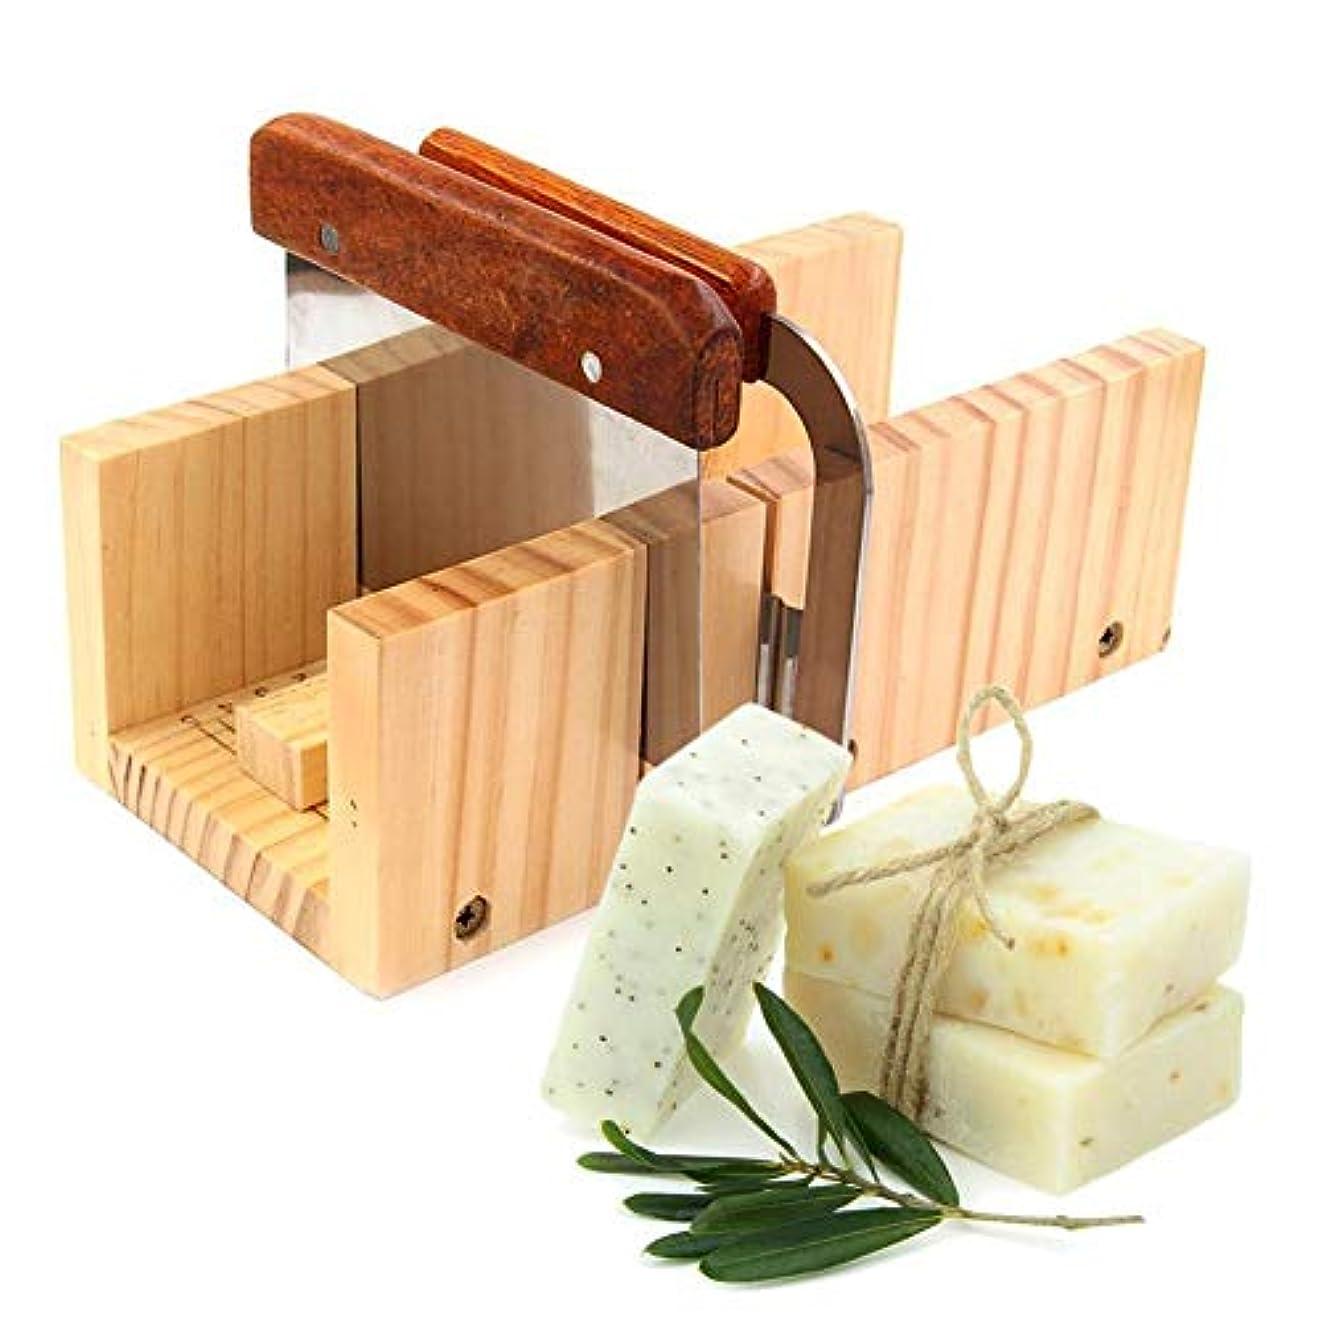 教義なかなかくしゃみソープモールド、調整可能、木製、ハンドメイド、石鹸、モールドアクセサリー、ストレートプレーナー付き